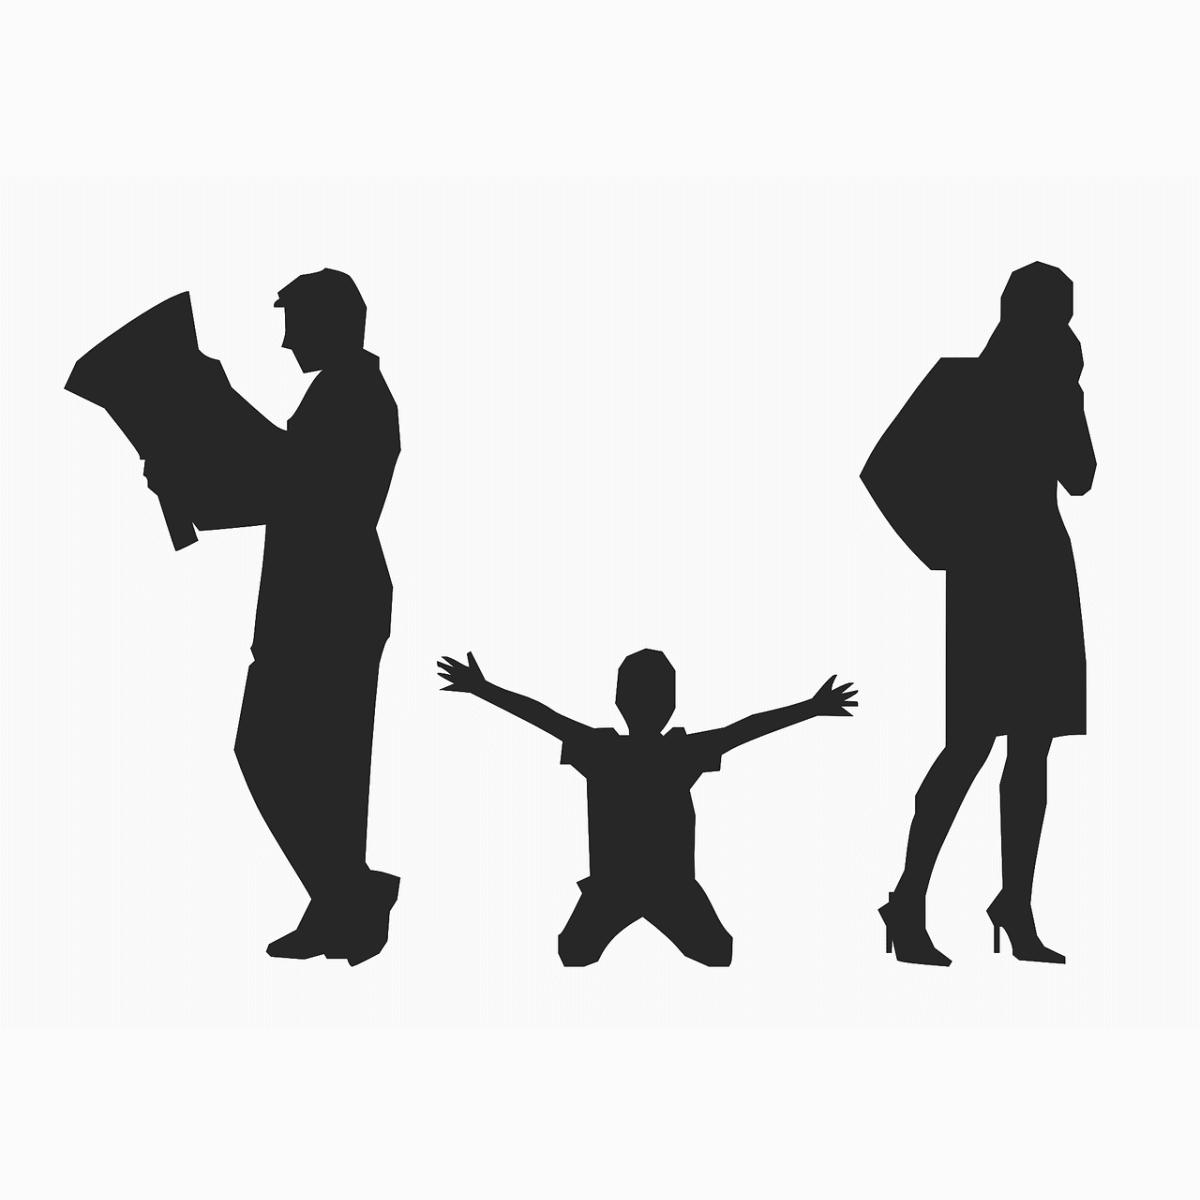 アダルトチルドレンの歴史は機能不全家族と関わりが深い様子を表すイラスト